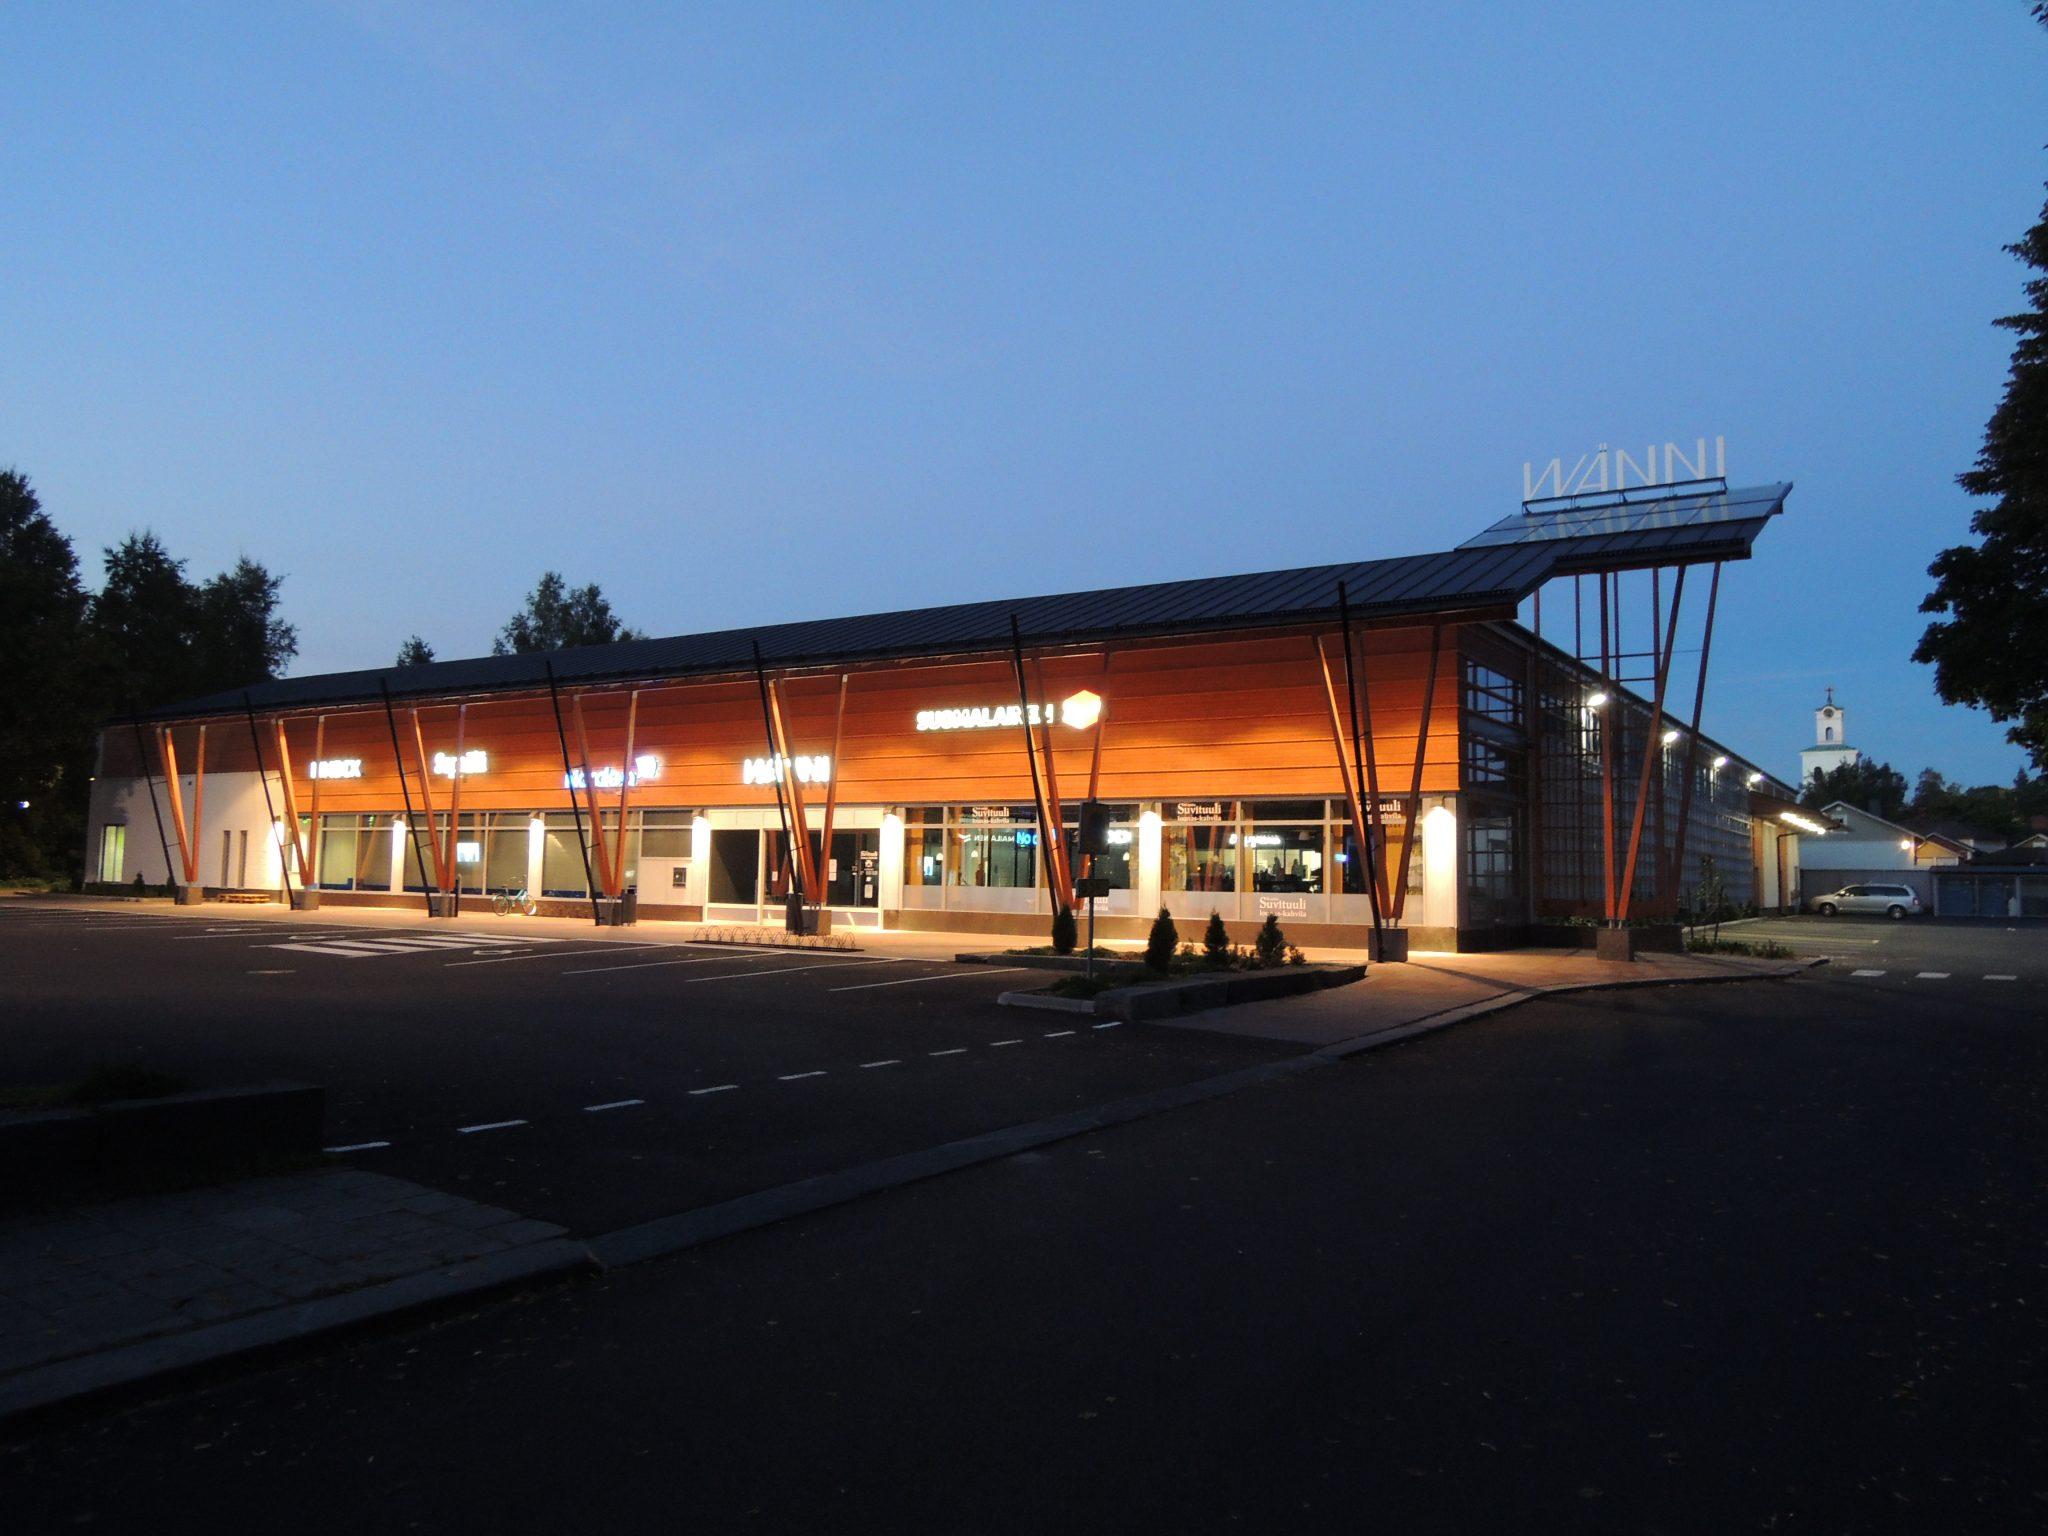 Liikekeskus Wänni